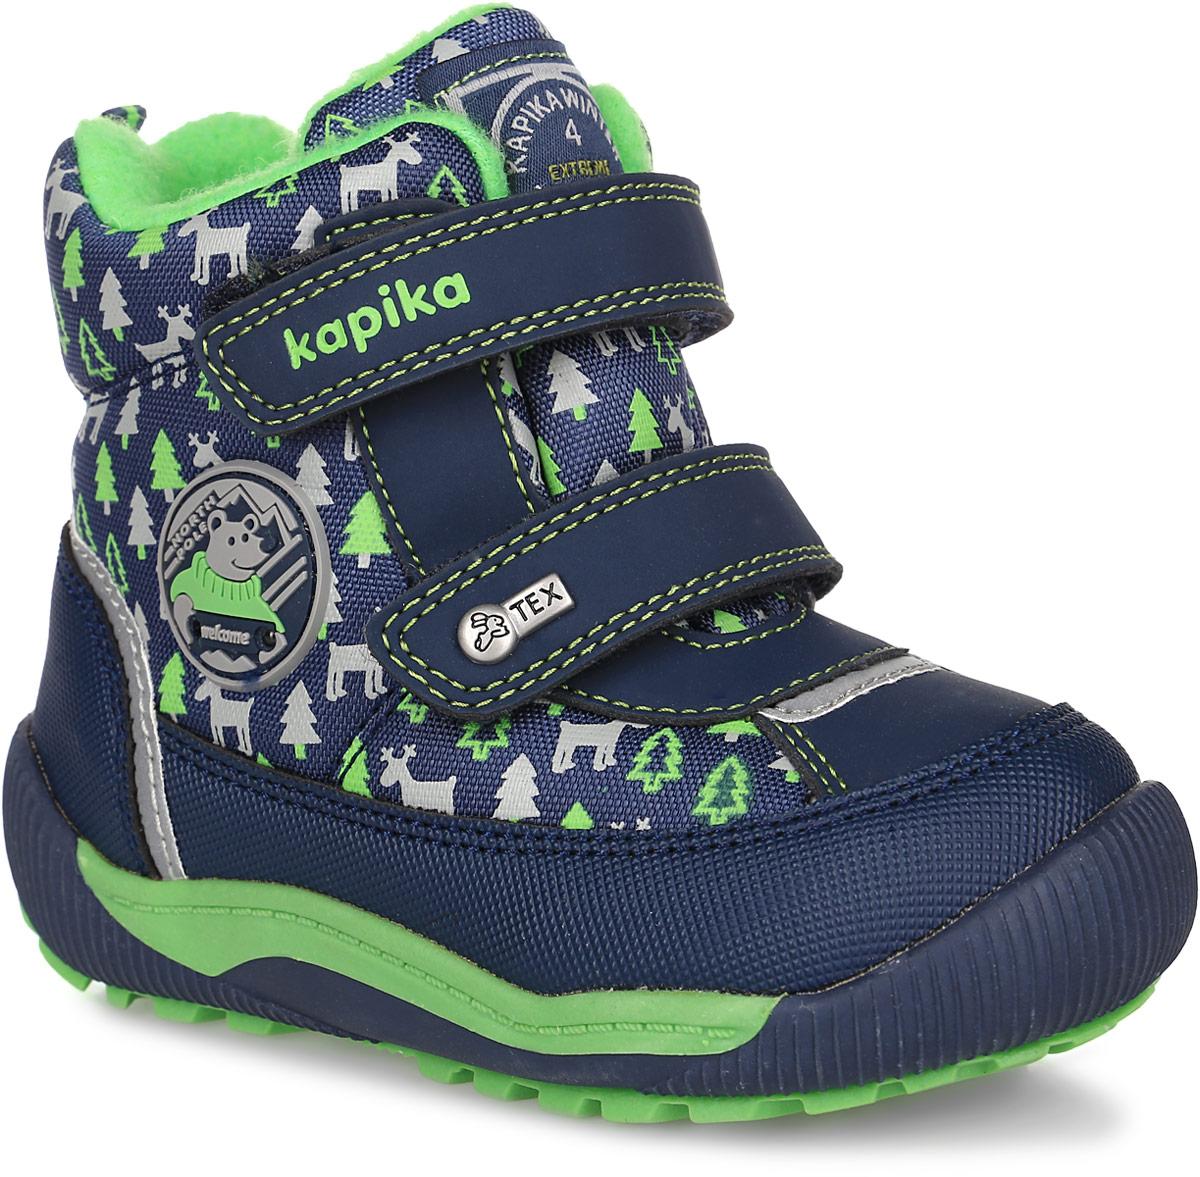 41152-1Стильные ботинки от Kapika заинтересуют вашего мальчика с первого взгляда. Модель, выполненная из искусственной кожи и текстиля, сбоку оформлена оригинальным принтом и фирменными нашивками. Мембранный слой защитит ножки вашего ребенка от намокания и обеспечит высокую воздухопроницаемость. Изделие на застежках-липучках, что способствует надежной фиксации на ноге. Задник оснащен ярлычком для облегчения надевания. Стелька, изготовленная на 80% из натурального овечьего шерстяного меха, отлично сохраняет тепло и надежно защищает от холода, а также создаёт условия для удобного и долговечного использования. Рельефная подошва, выполненная из материала ТЭП, обеспечивает сцепление с любой поверхностью. Материал ТЭП не пропускает и не впитывает воду. При ходьбе сбоку на нашивке мигают огоньки. Чудесные ботинки займут достойное место в гардеробе вашего ребенка.